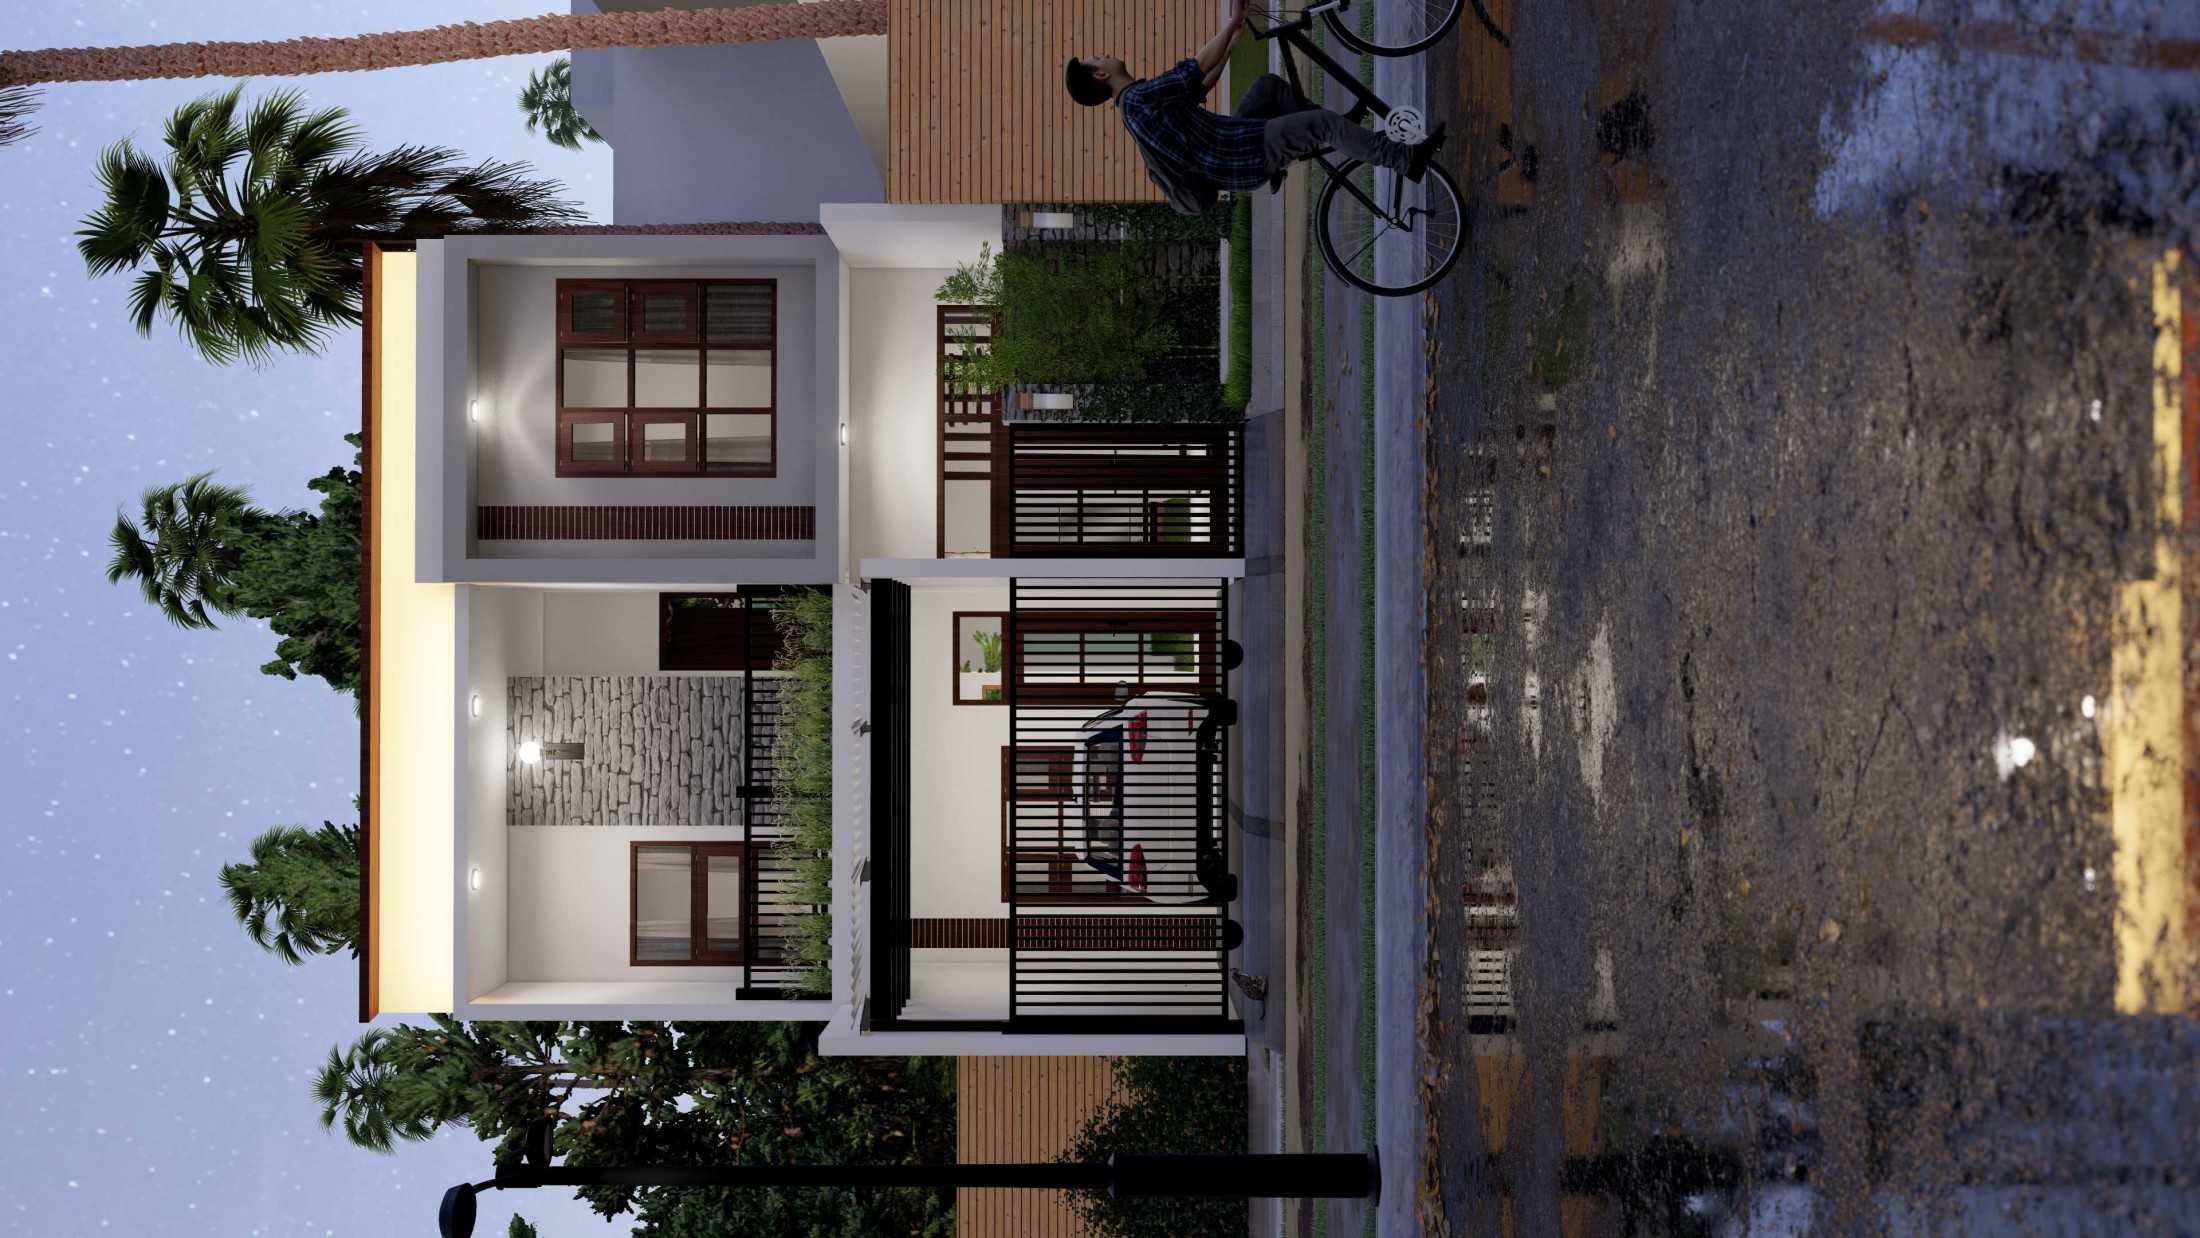 Atelier Vasturuang Project Rumah Pak Abdul Bekasi, Kota Bks, Jawa Barat, Indonesia Bekasi, Kota Bks, Jawa Barat, Indonesia Atelier-Vasturuang-Project-Rumah-Pak-Abdul  98438